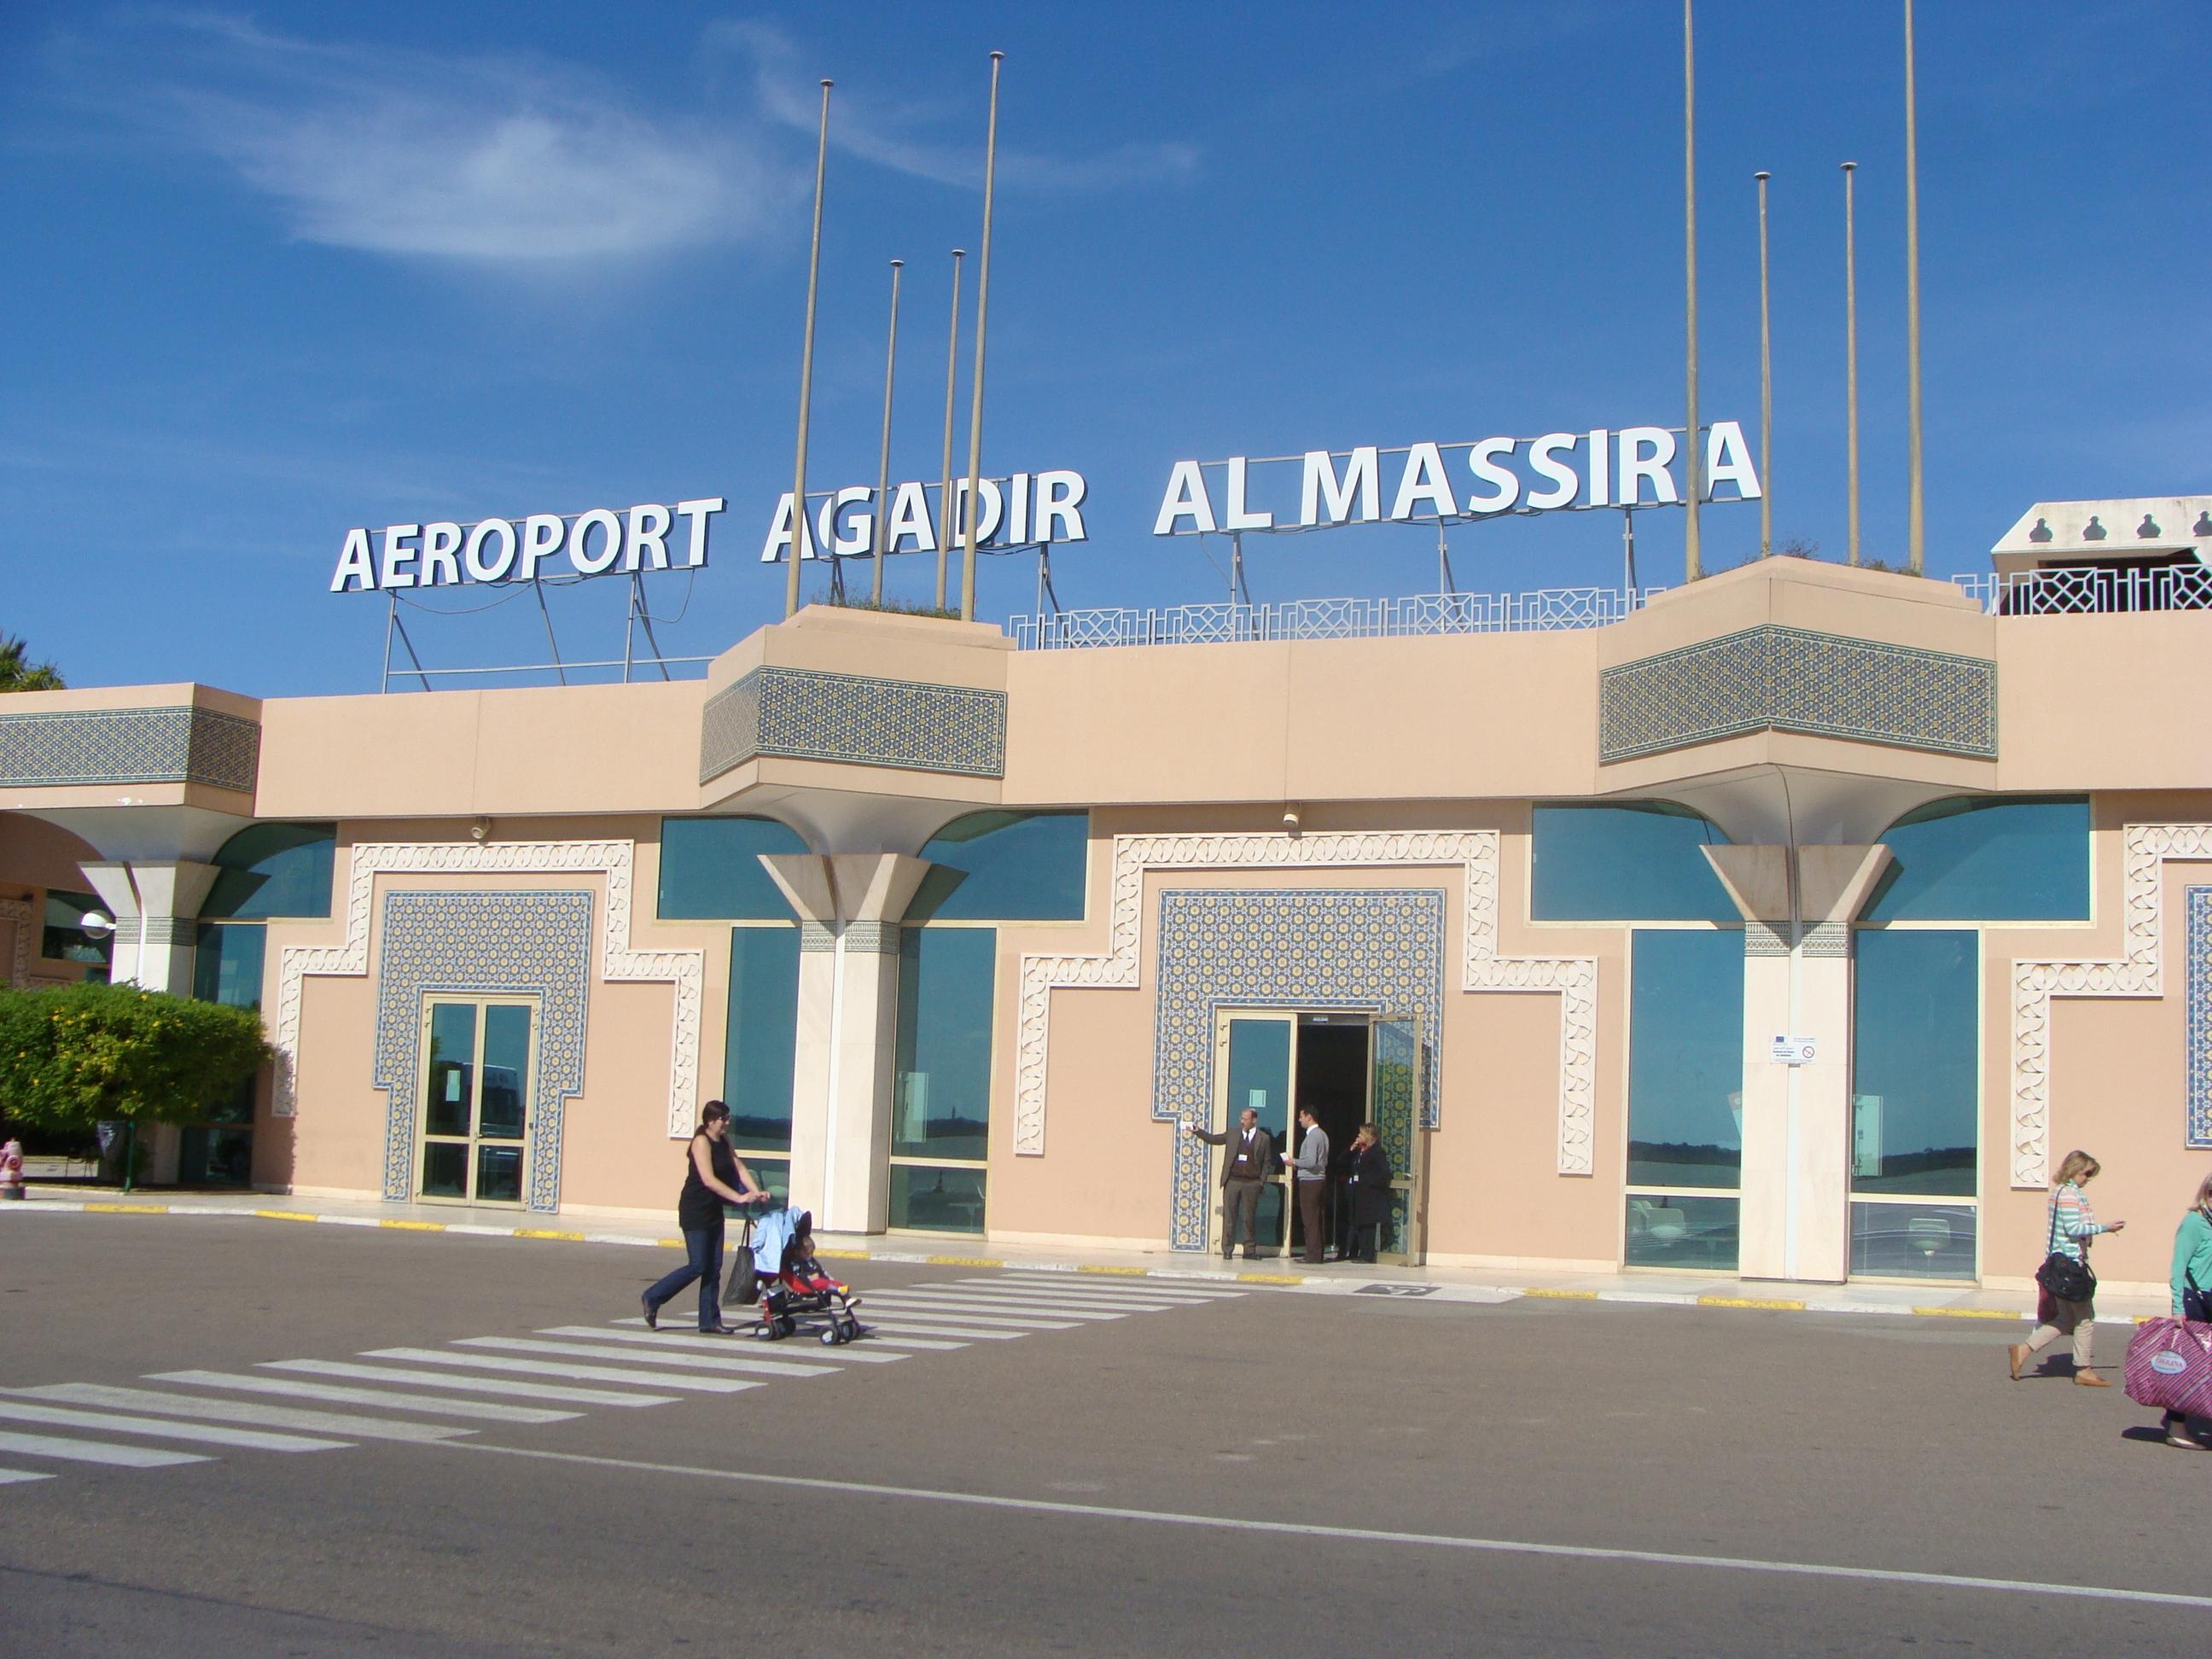 L'aéroport Al Massira d'Agadir (Agadir Al Massira Airport).